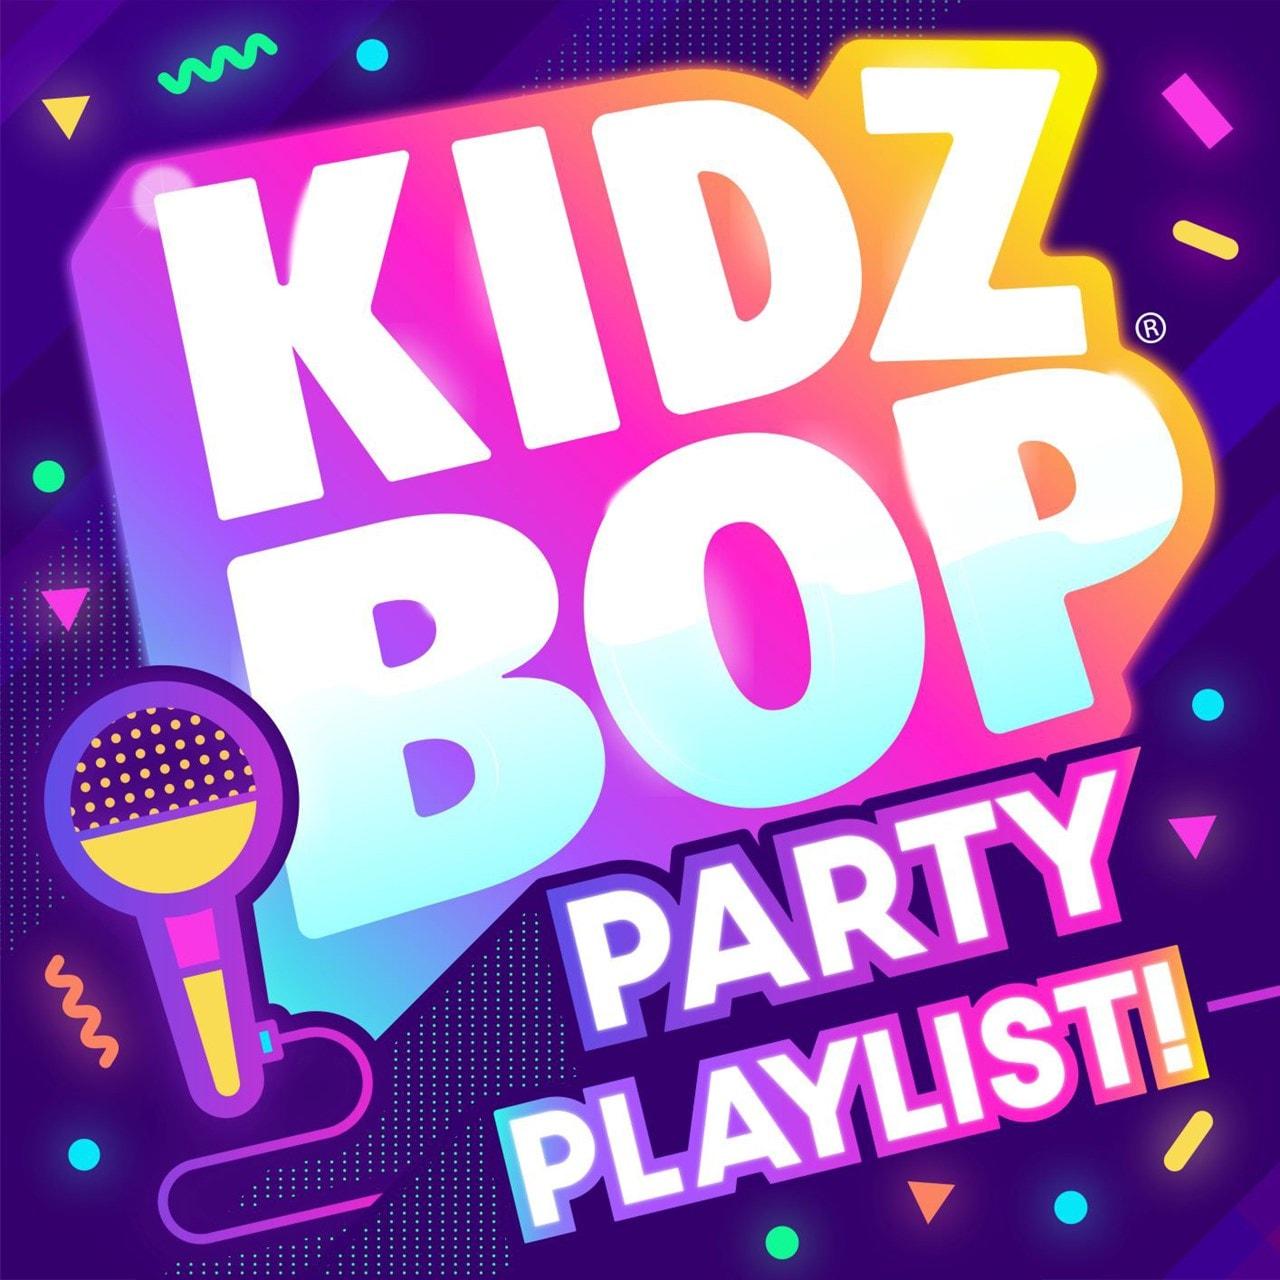 Kidz Bop Party Playlist! - 1